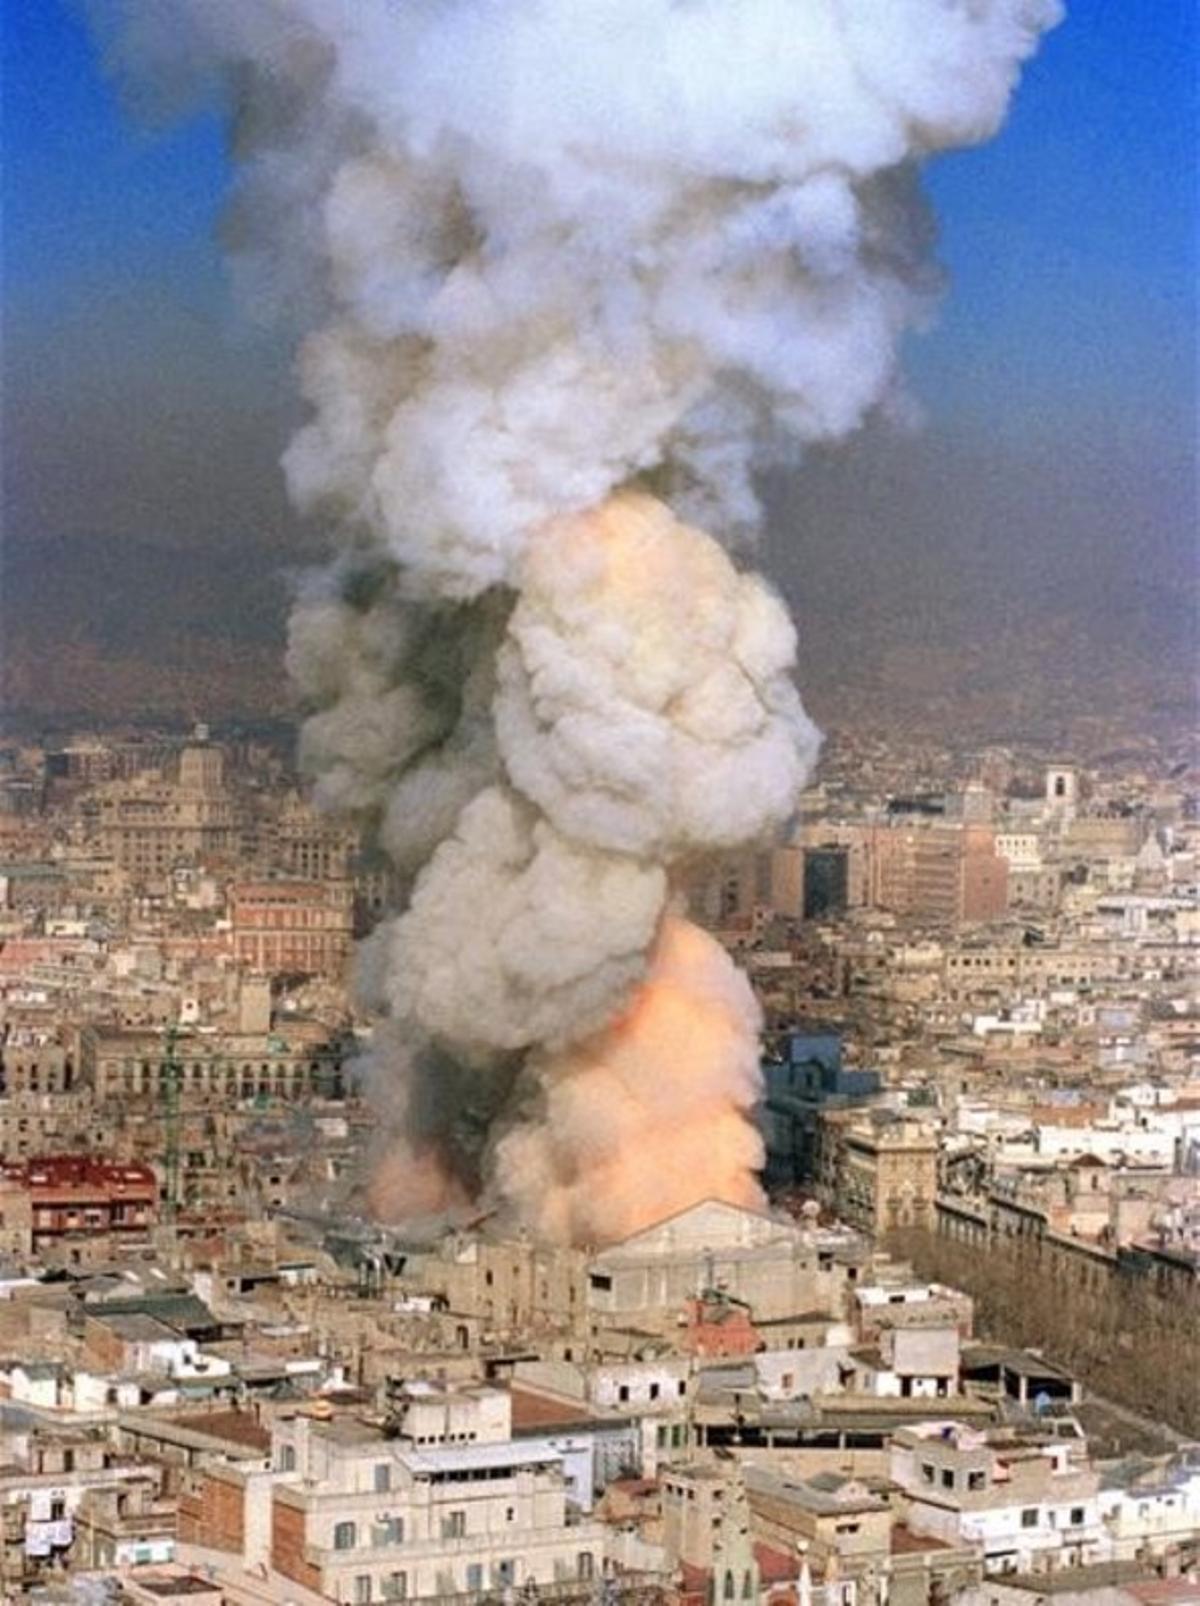 El incendio del Liceu en el momento en que se deplomóel techo y se levantaron enormes llamaradas.